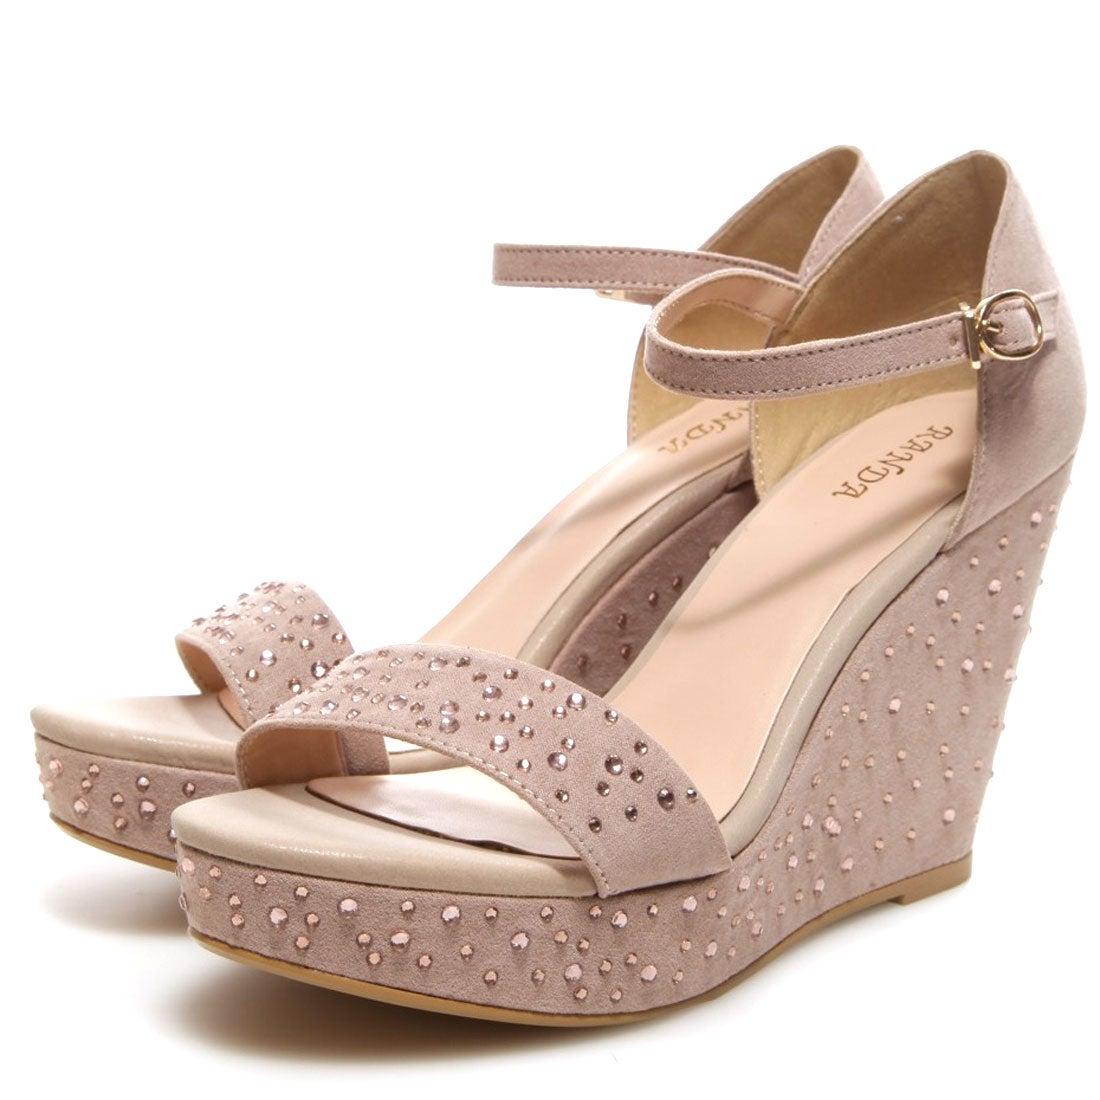 ランダ RANDA ラインストーンワンストラップウェッジサンダル(チャコール) ,靴とファッションの通販サイト ロコンド